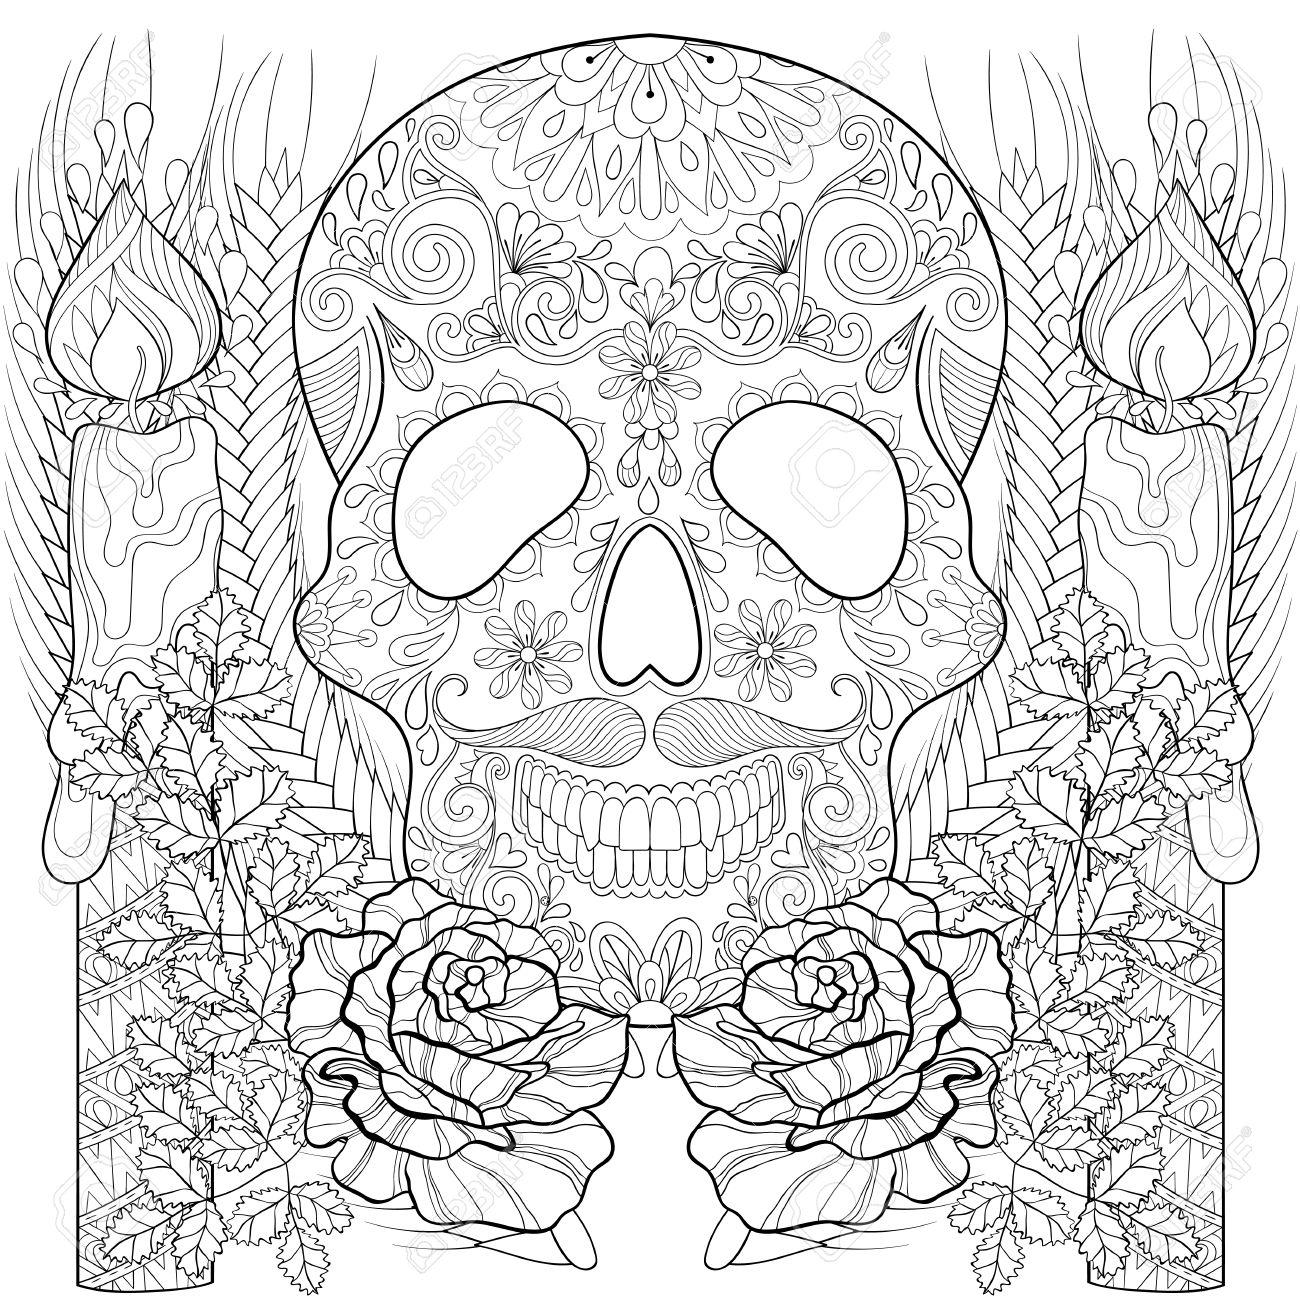 Stylisé Crâne Avec Des Bougies Des Roses Des Oreilles Pour Halloween Croquis Freehand Pour Coloriage Adulte Livre Avec Des éléments Artistiquement